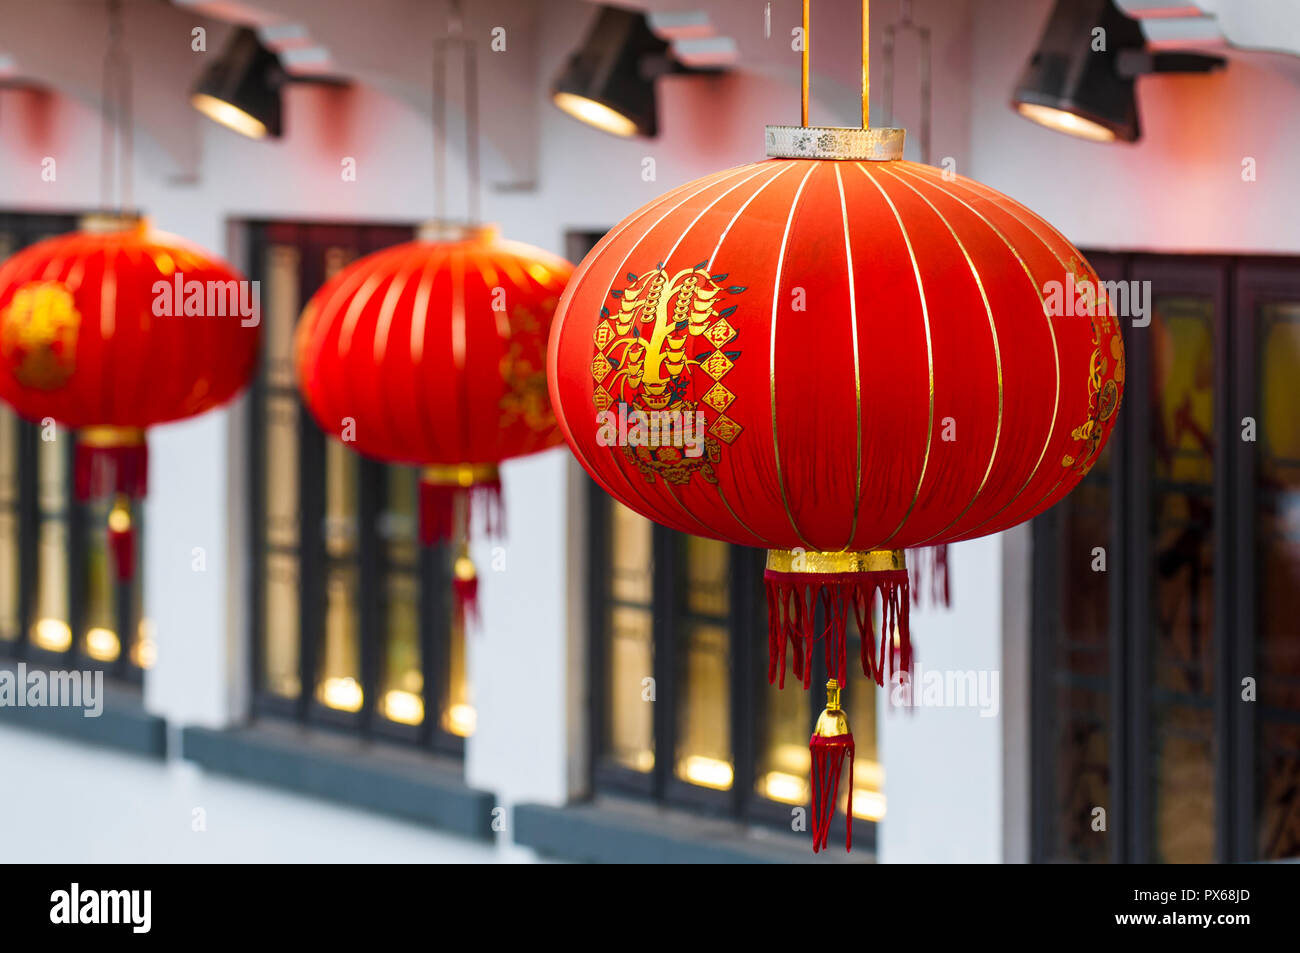 Chinese lanterns at the The Big Buddha and Po Lin Monastery, Lantau Island, Hong Kong, China. Stock Photo